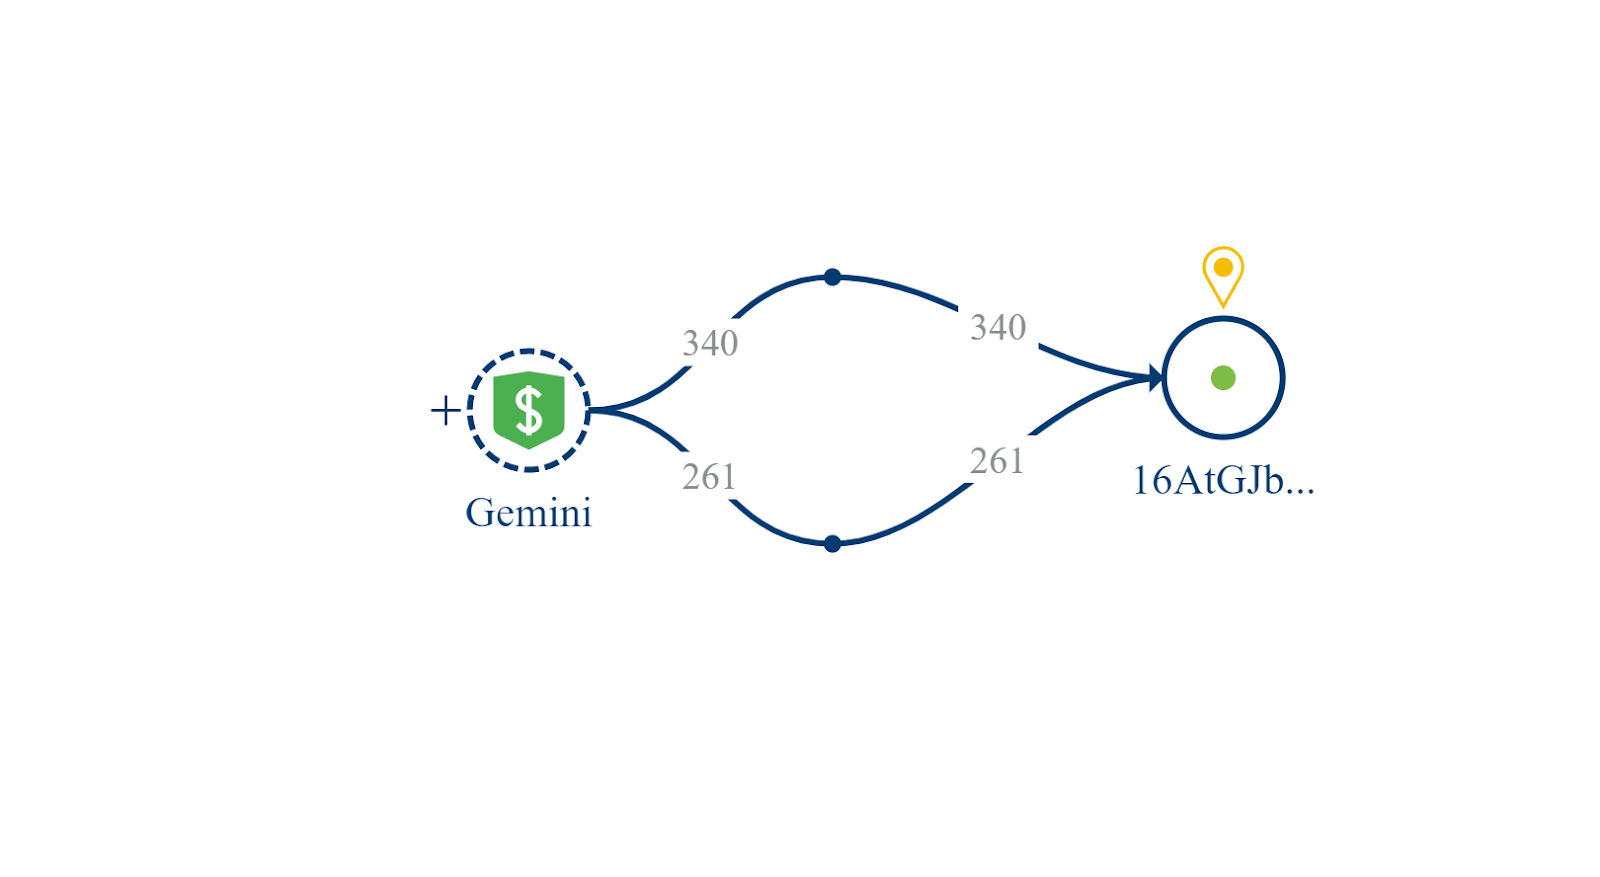 Duas transações de Bitcoin da Gemini são trocadas pelo endereço de Ponle.  Fonte: Crystal Blockchain